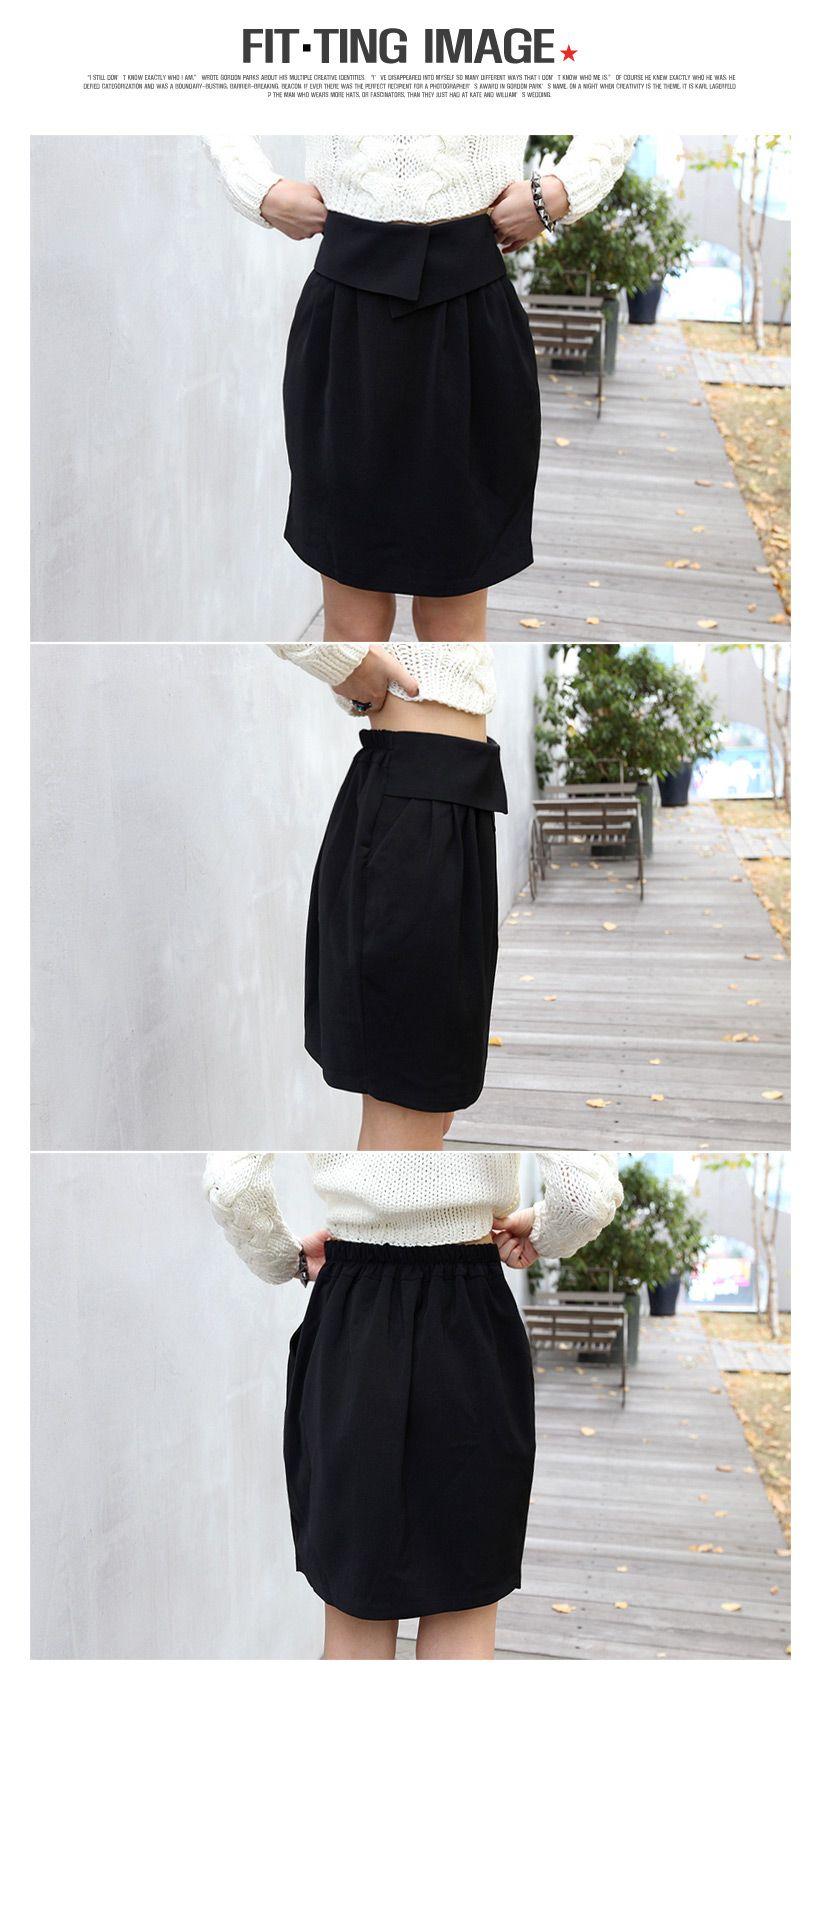 バックウエストゴム入り・バルーンミディアム丈スカート・全3色スカートスカート レディースファッション通販 DHOLICディーホリック [ファストファッション 水着 ワンピース]